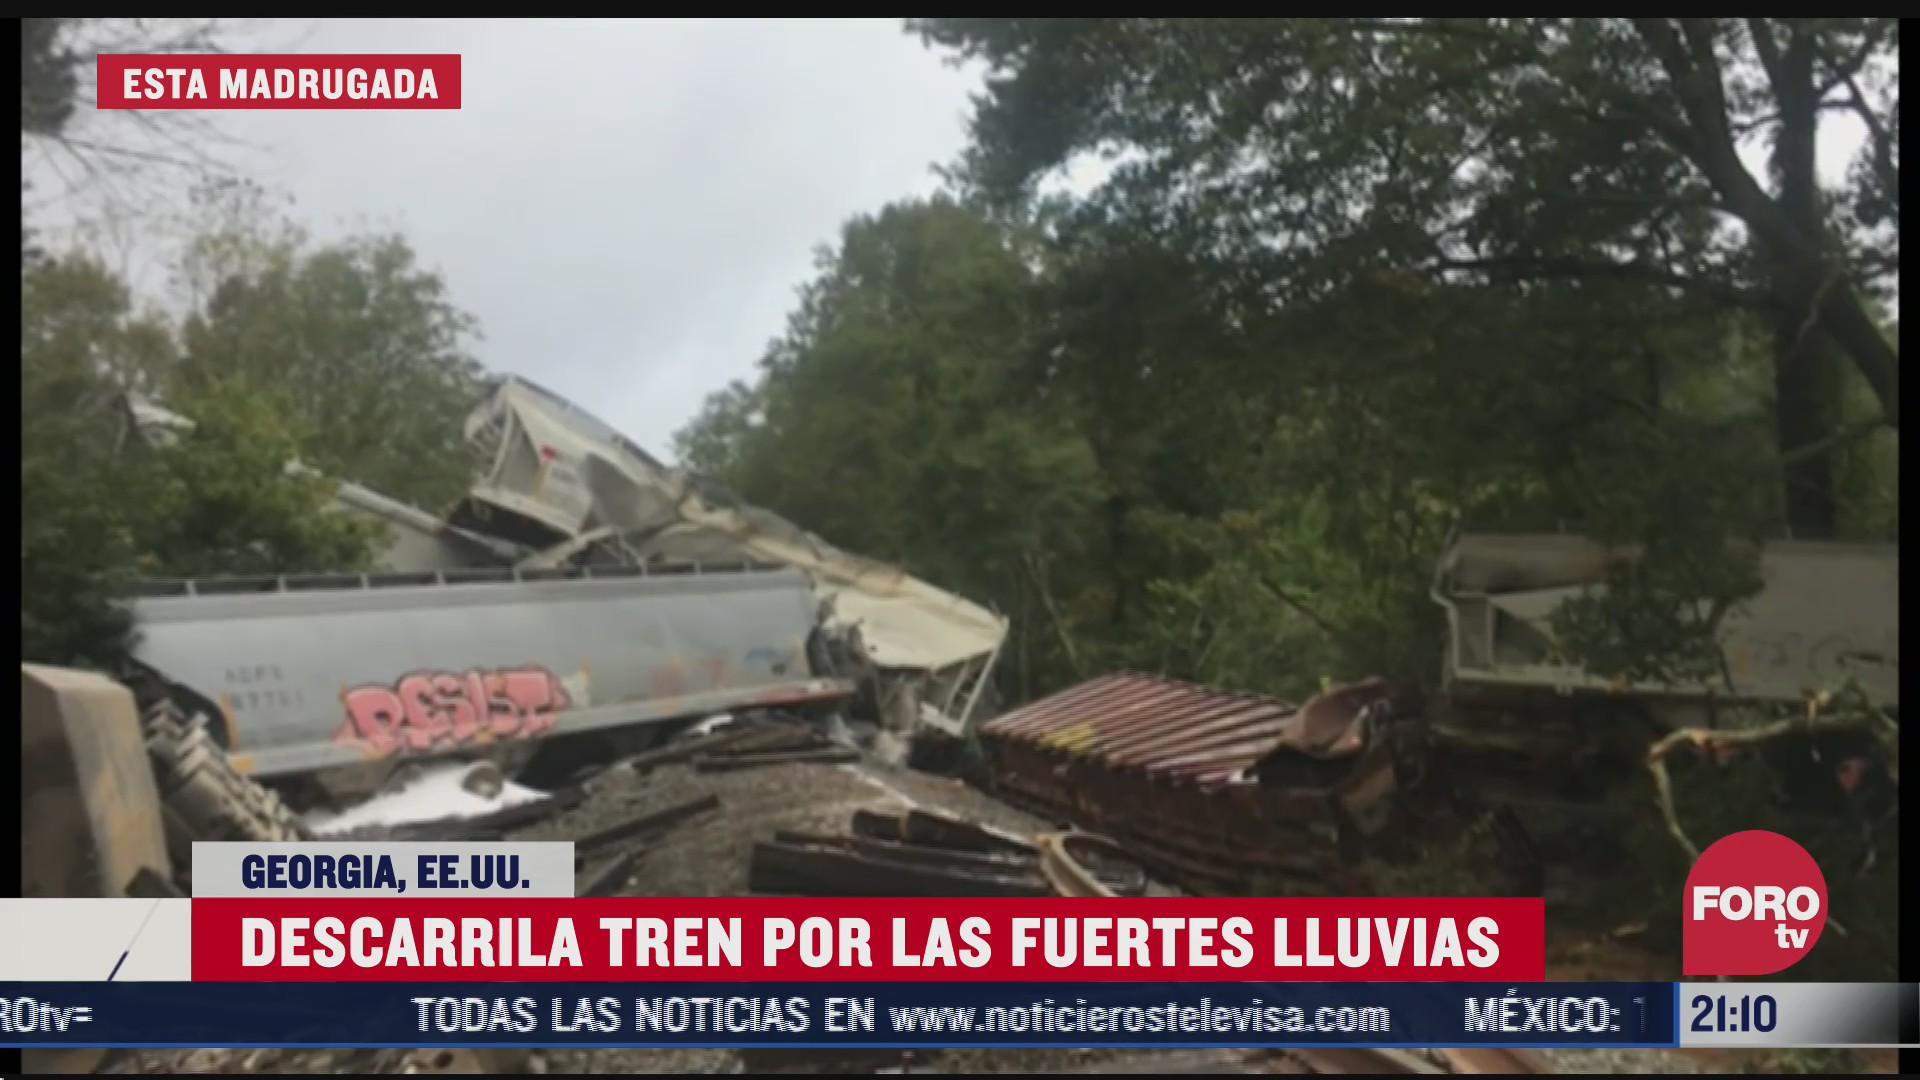 lluvias por delta causan descarrilamiento de tren en georgia